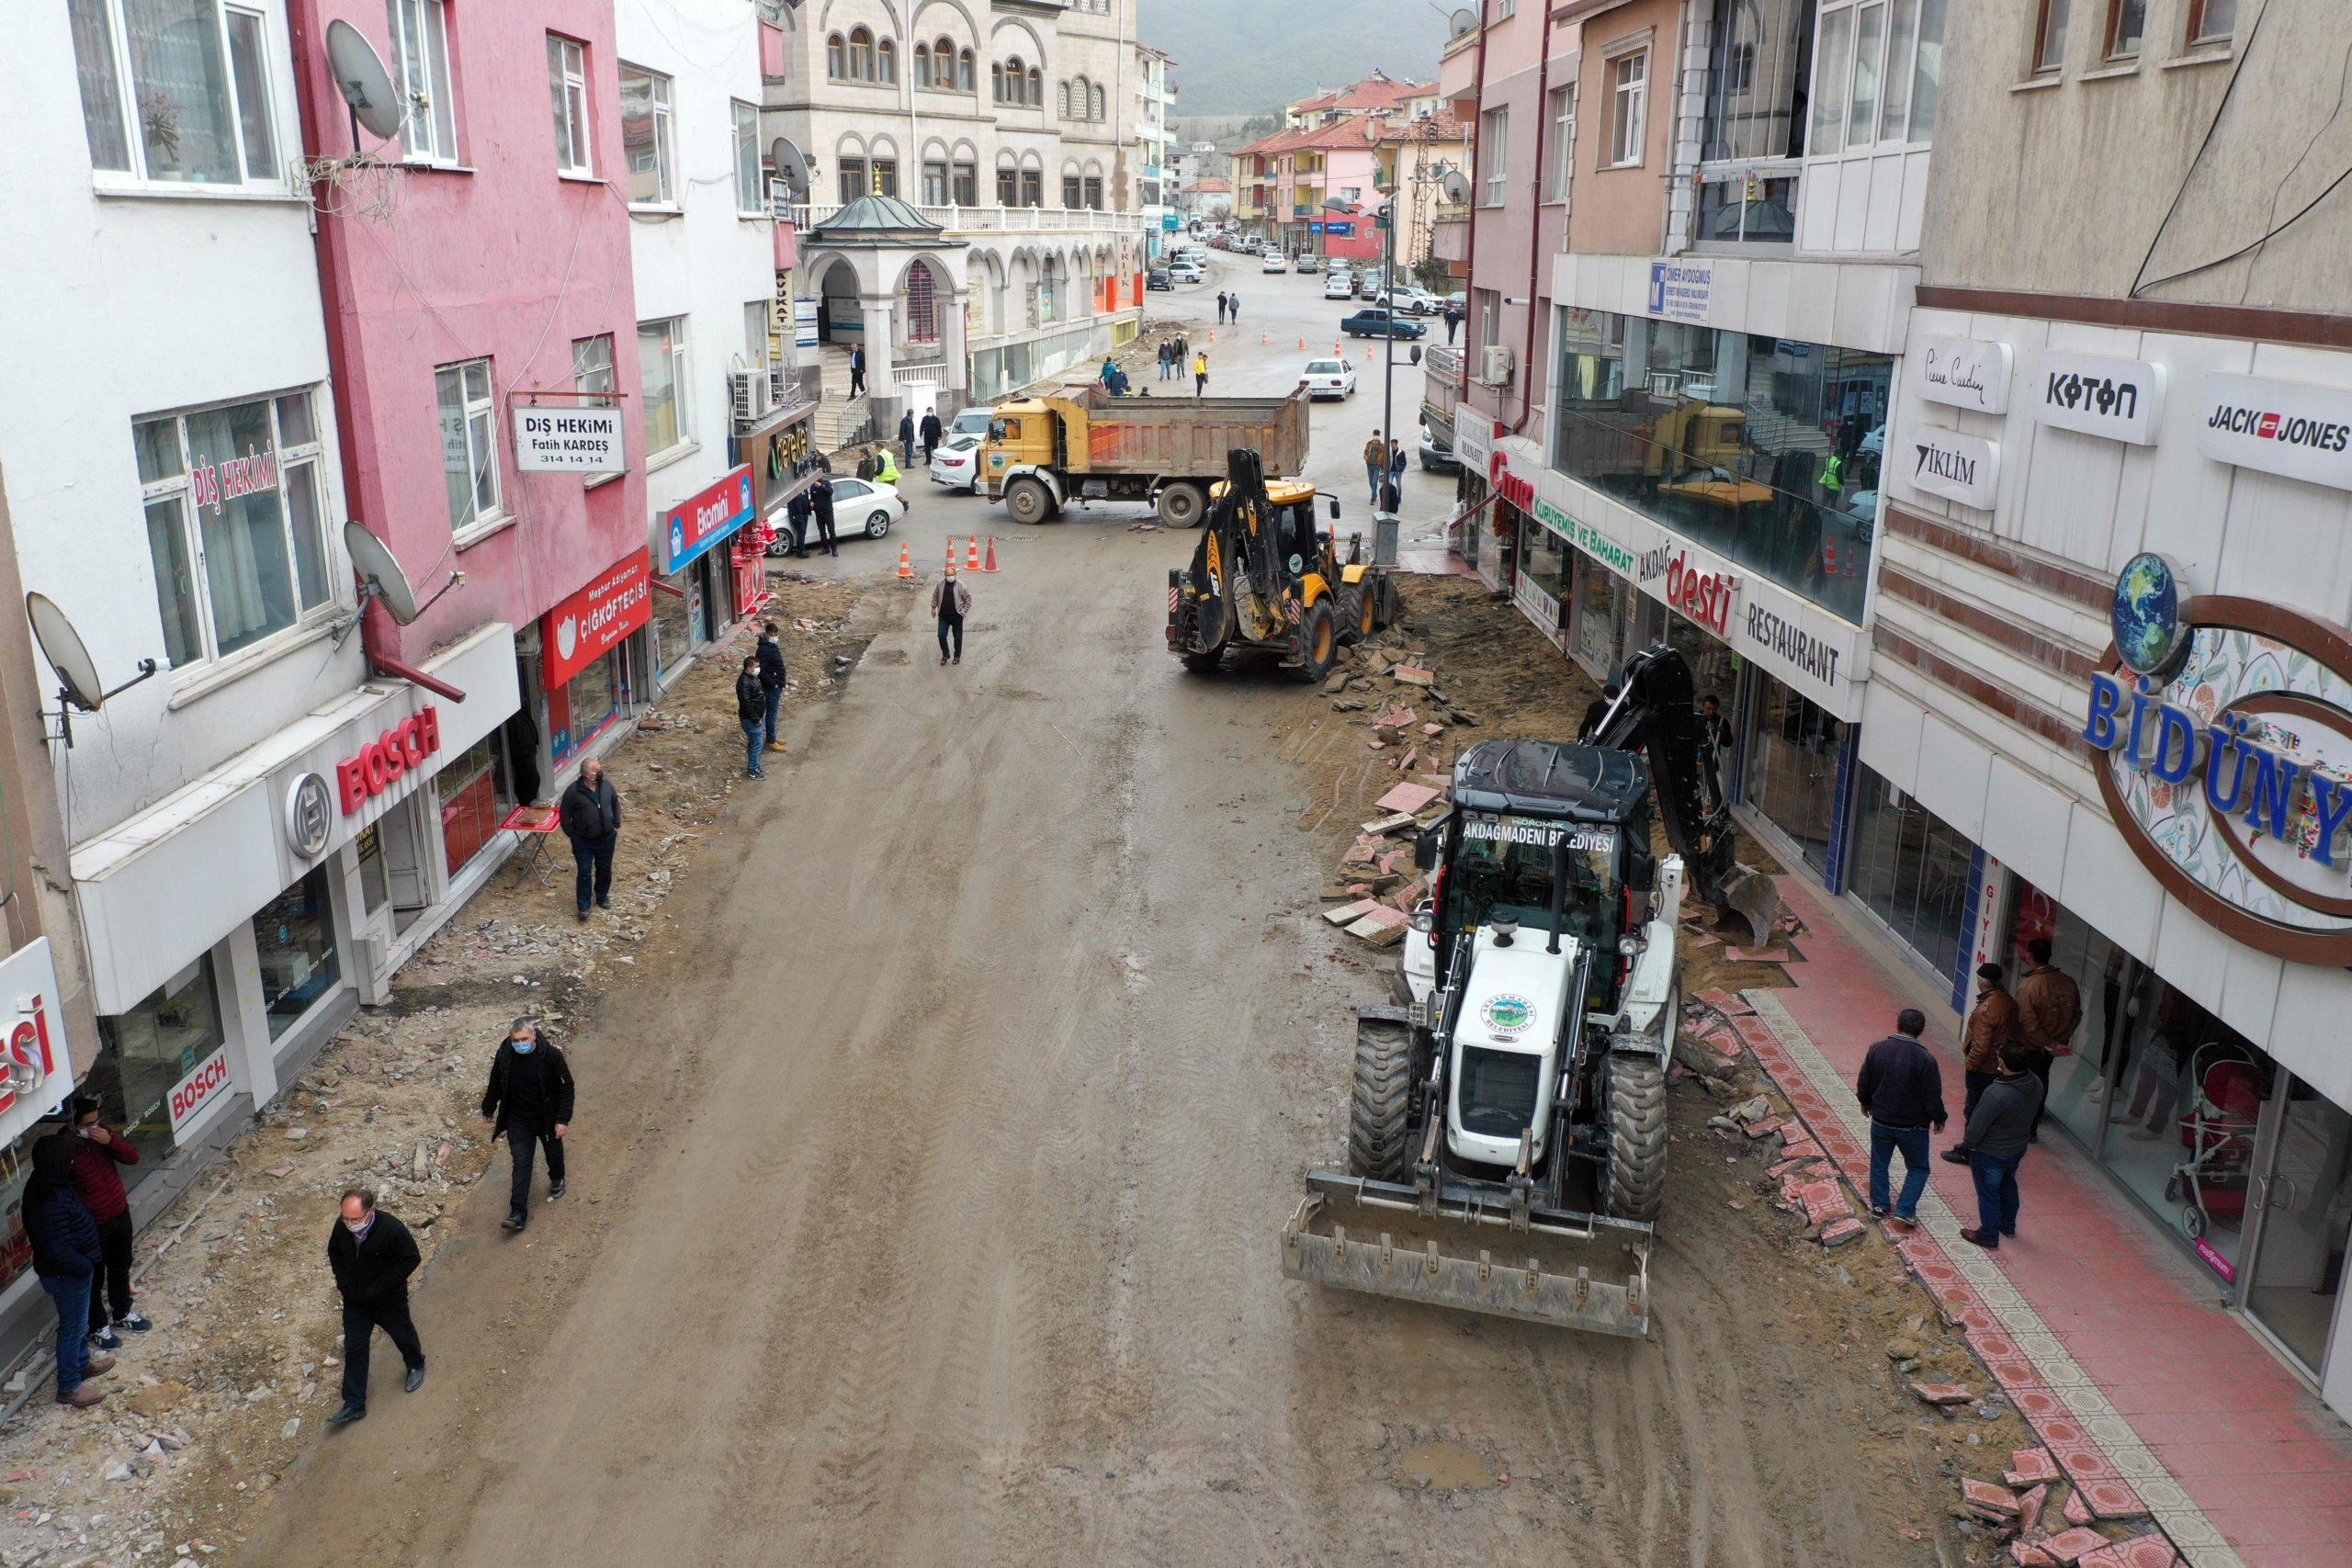 Akdağmadeni İstiklal Caddesinde Büyük Dönüşüm Başlıyor